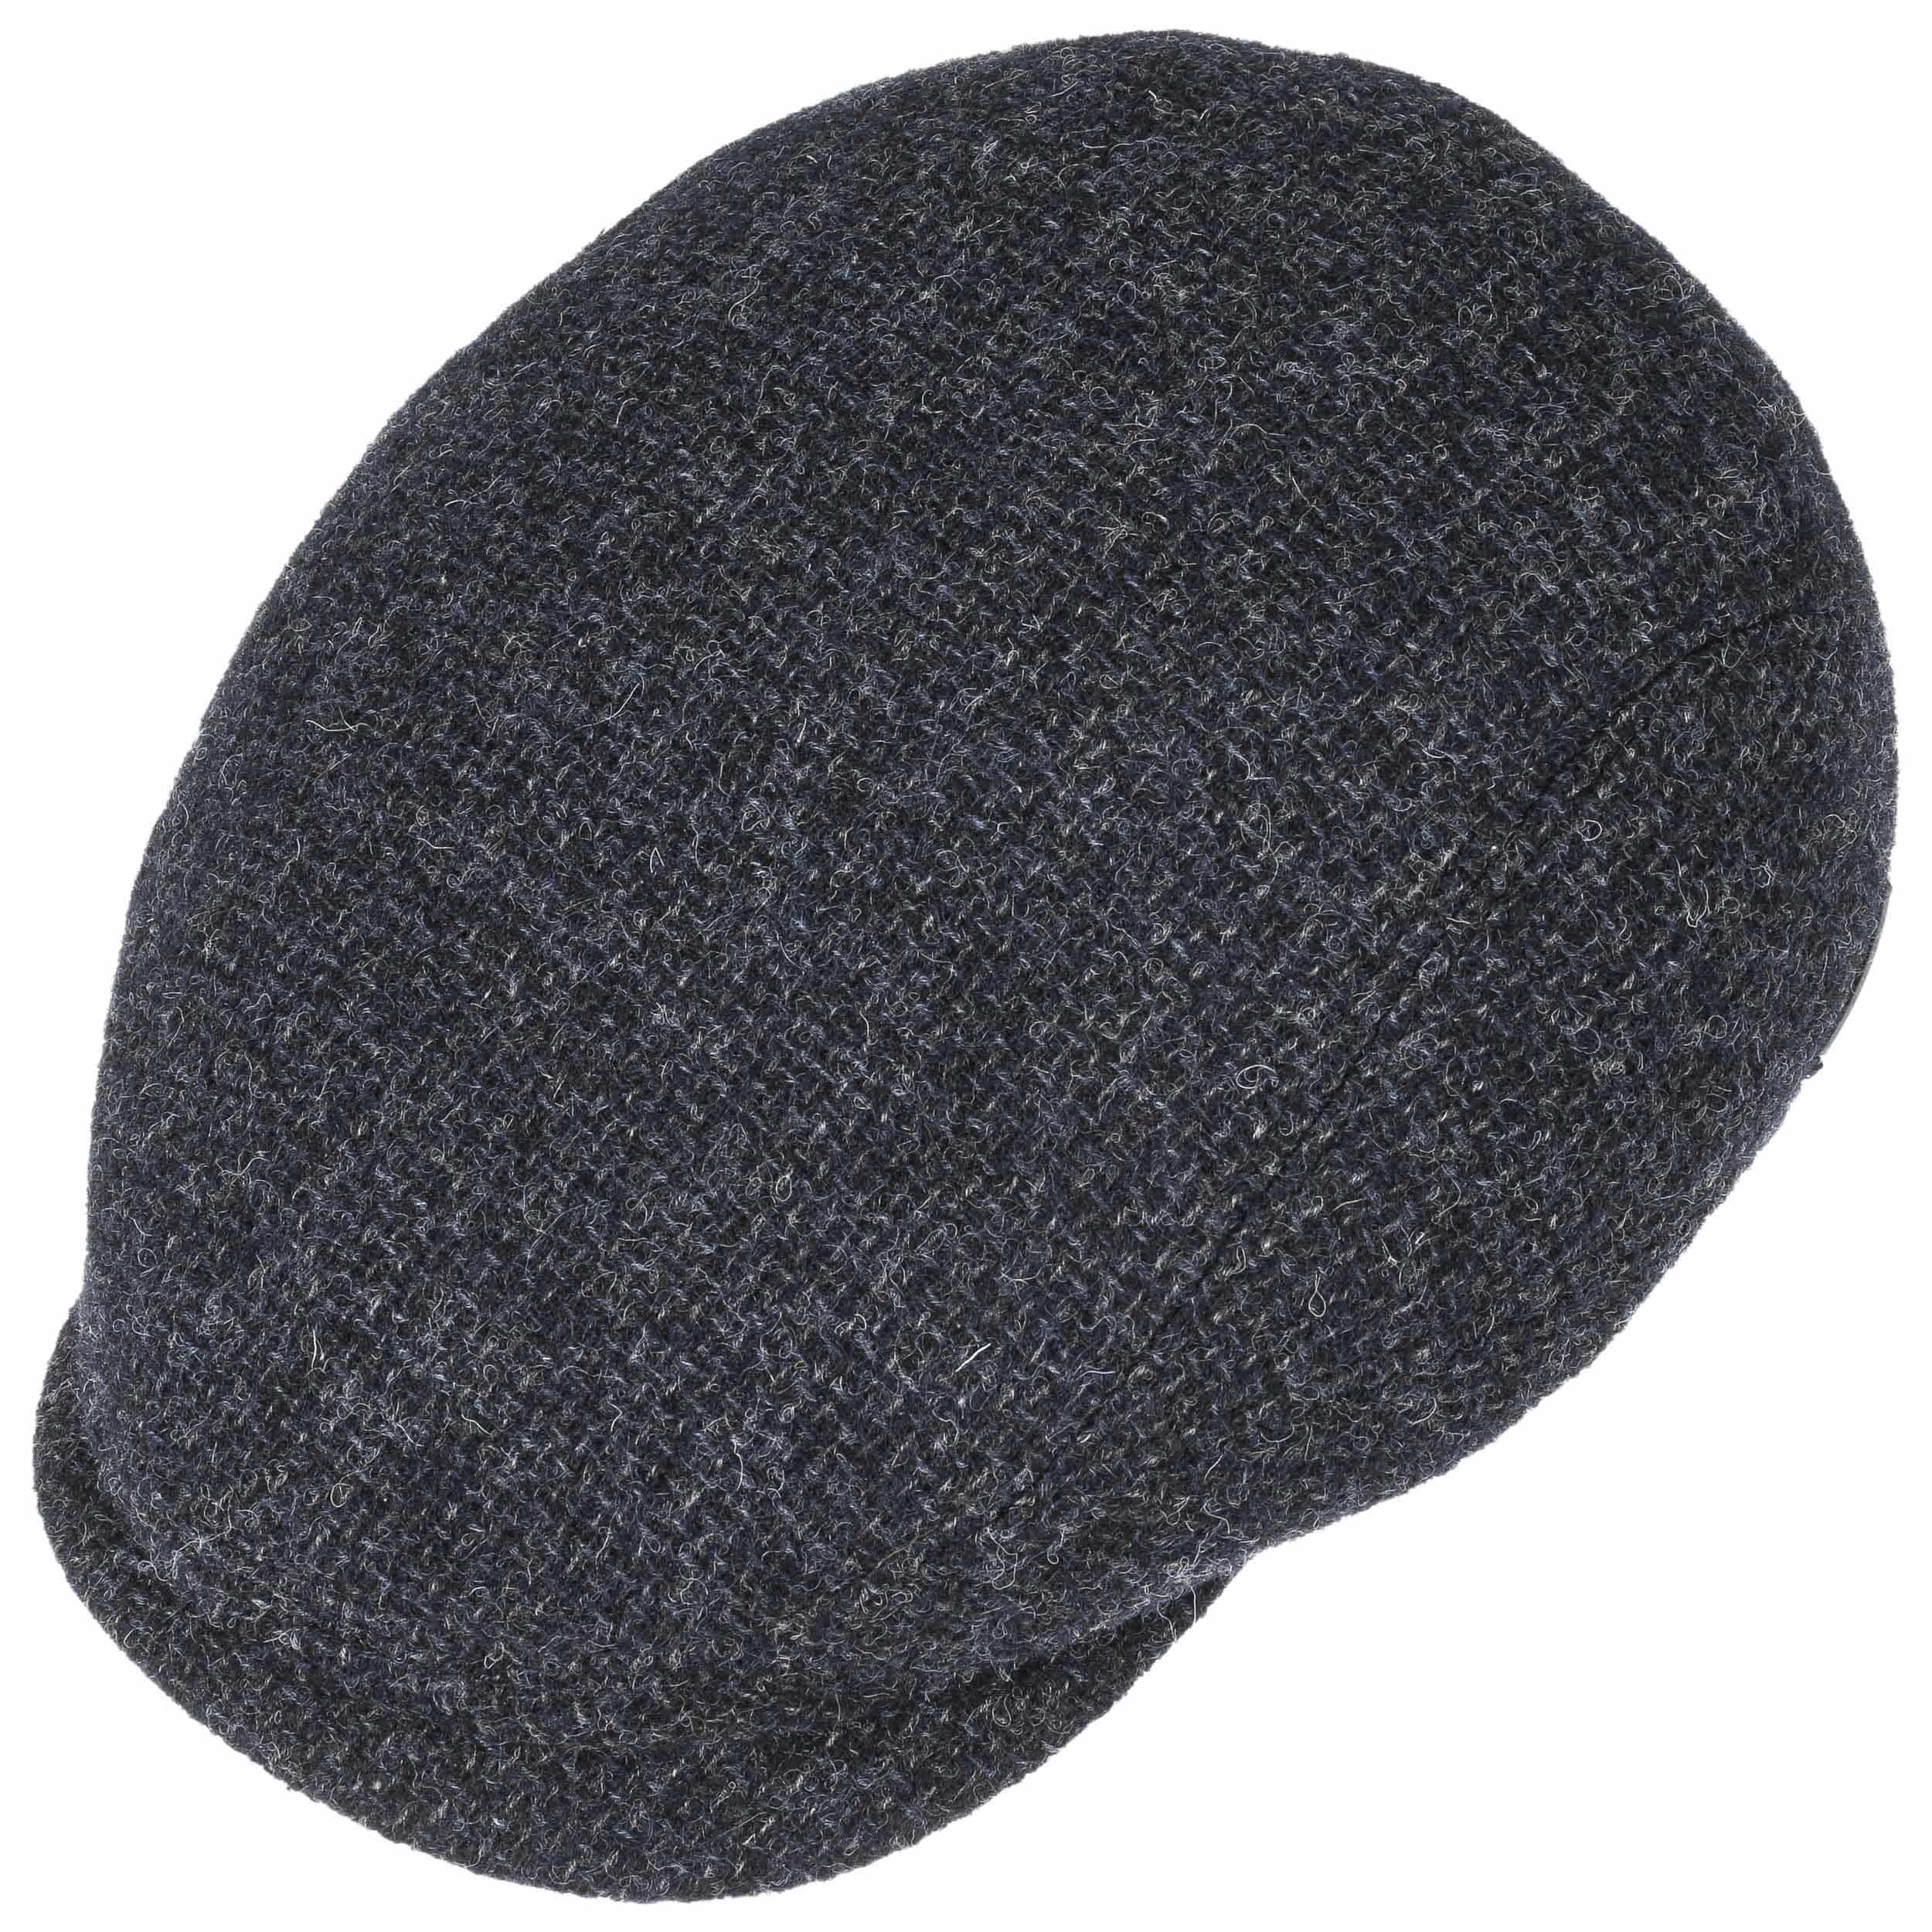 top brands factory price exquisite design Belfast Tweed Flat Cap by Stetson